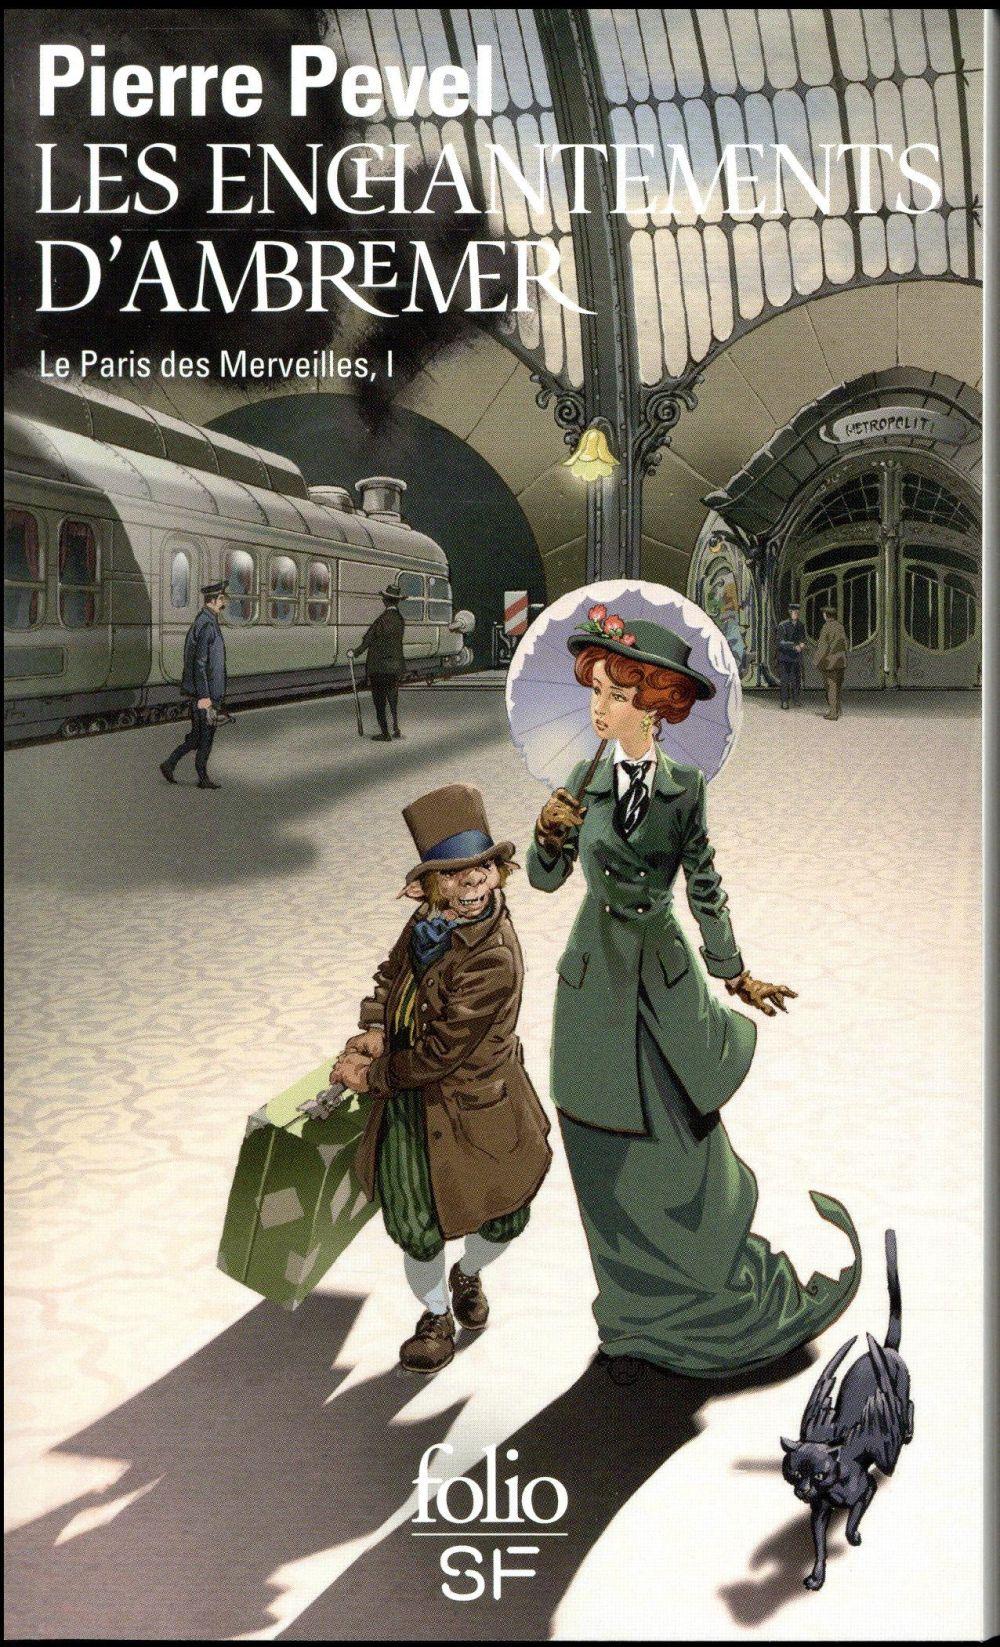 LE PARIS DES MERVEILLES T.1  -  LES ENCHANTEMENTS D'AMBREMER Pevel Pierre Gallimard